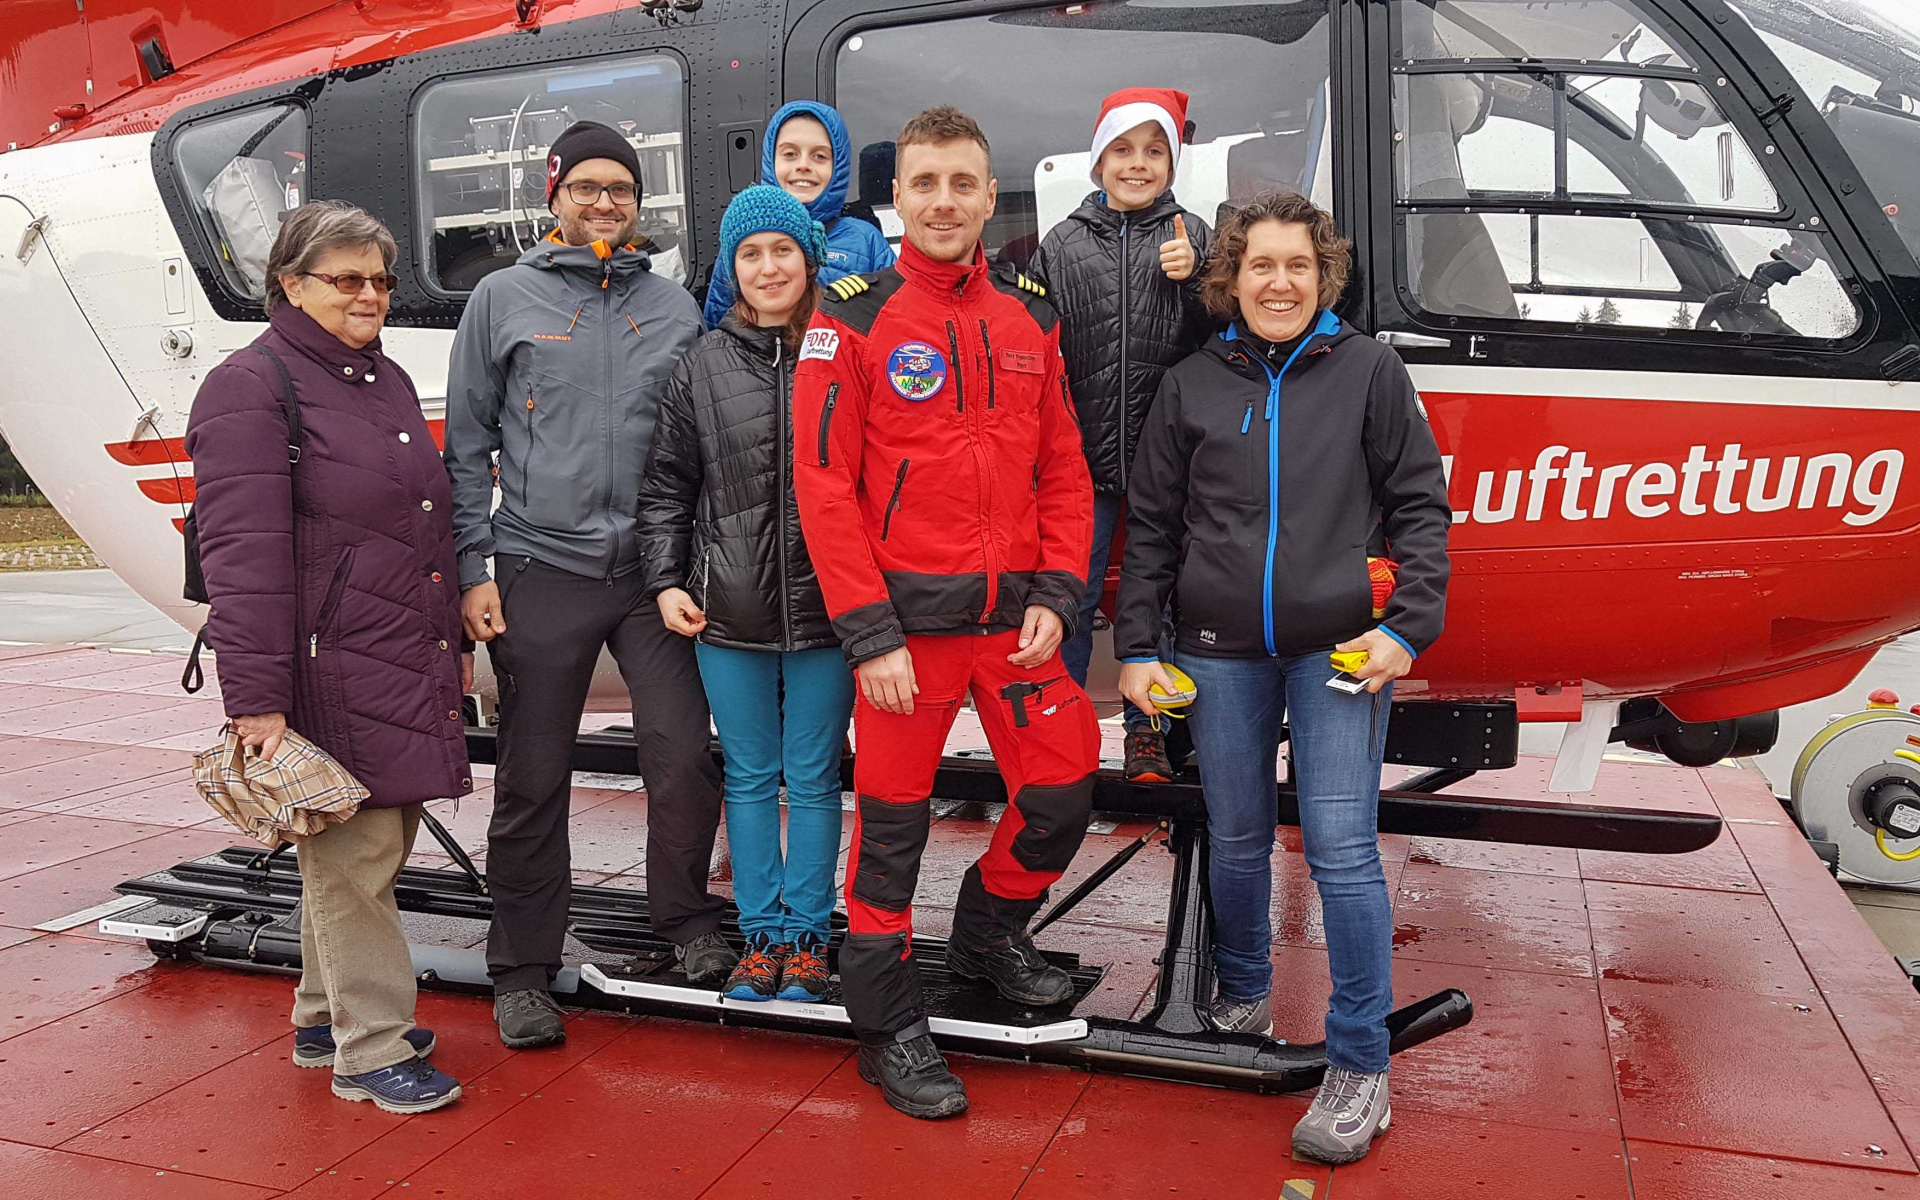 Besuch bei Christoph 11 der DRF Luftrettung.